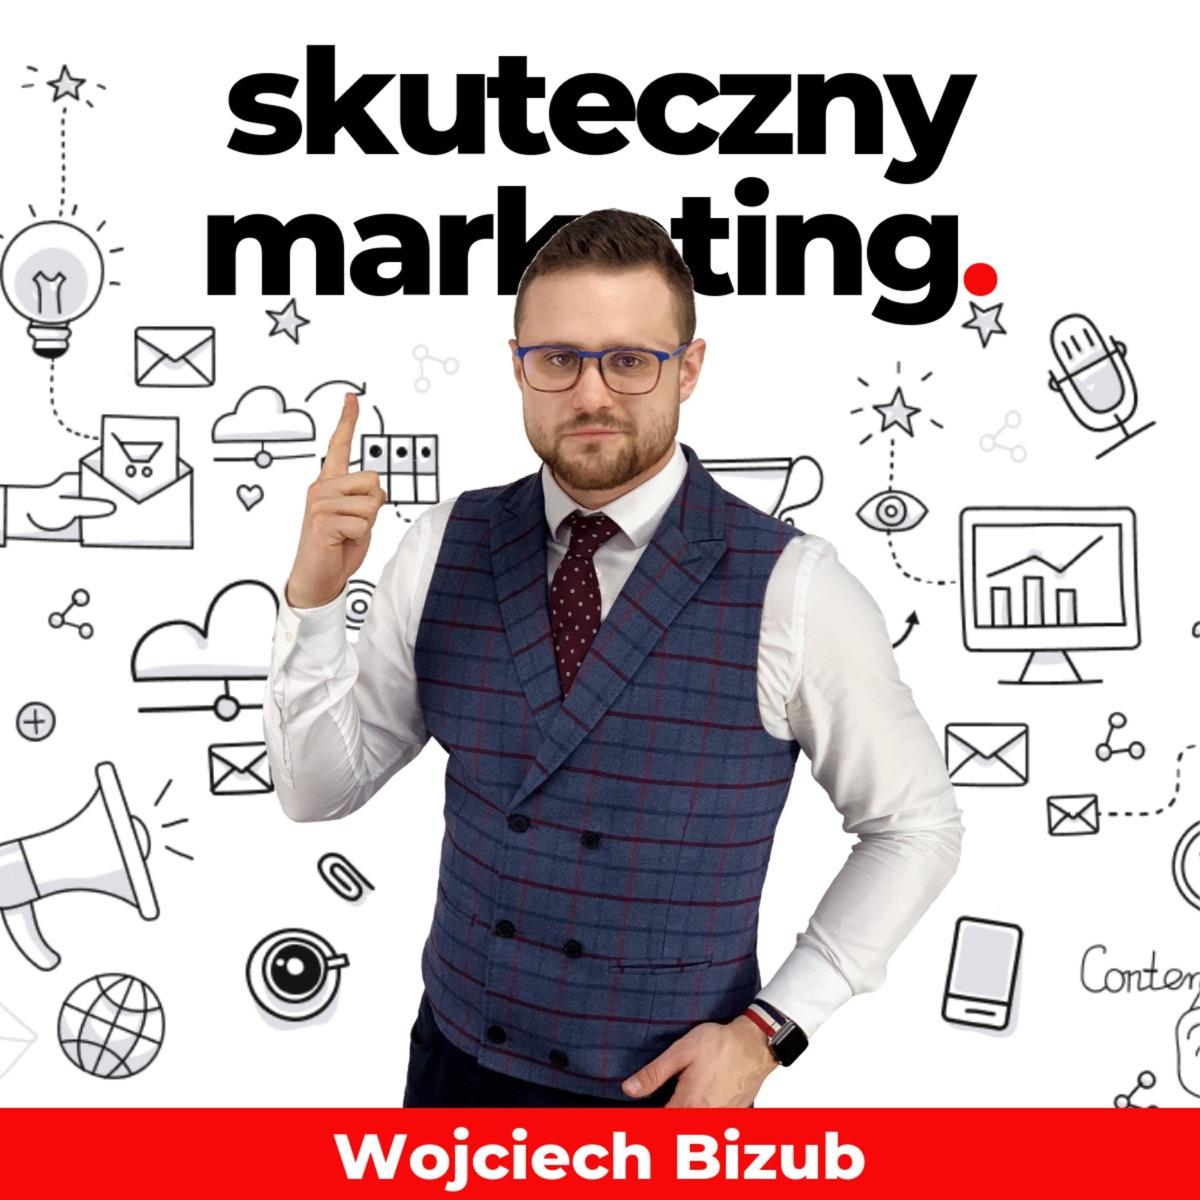 Skuteczny marketing   Wojciech Bizub